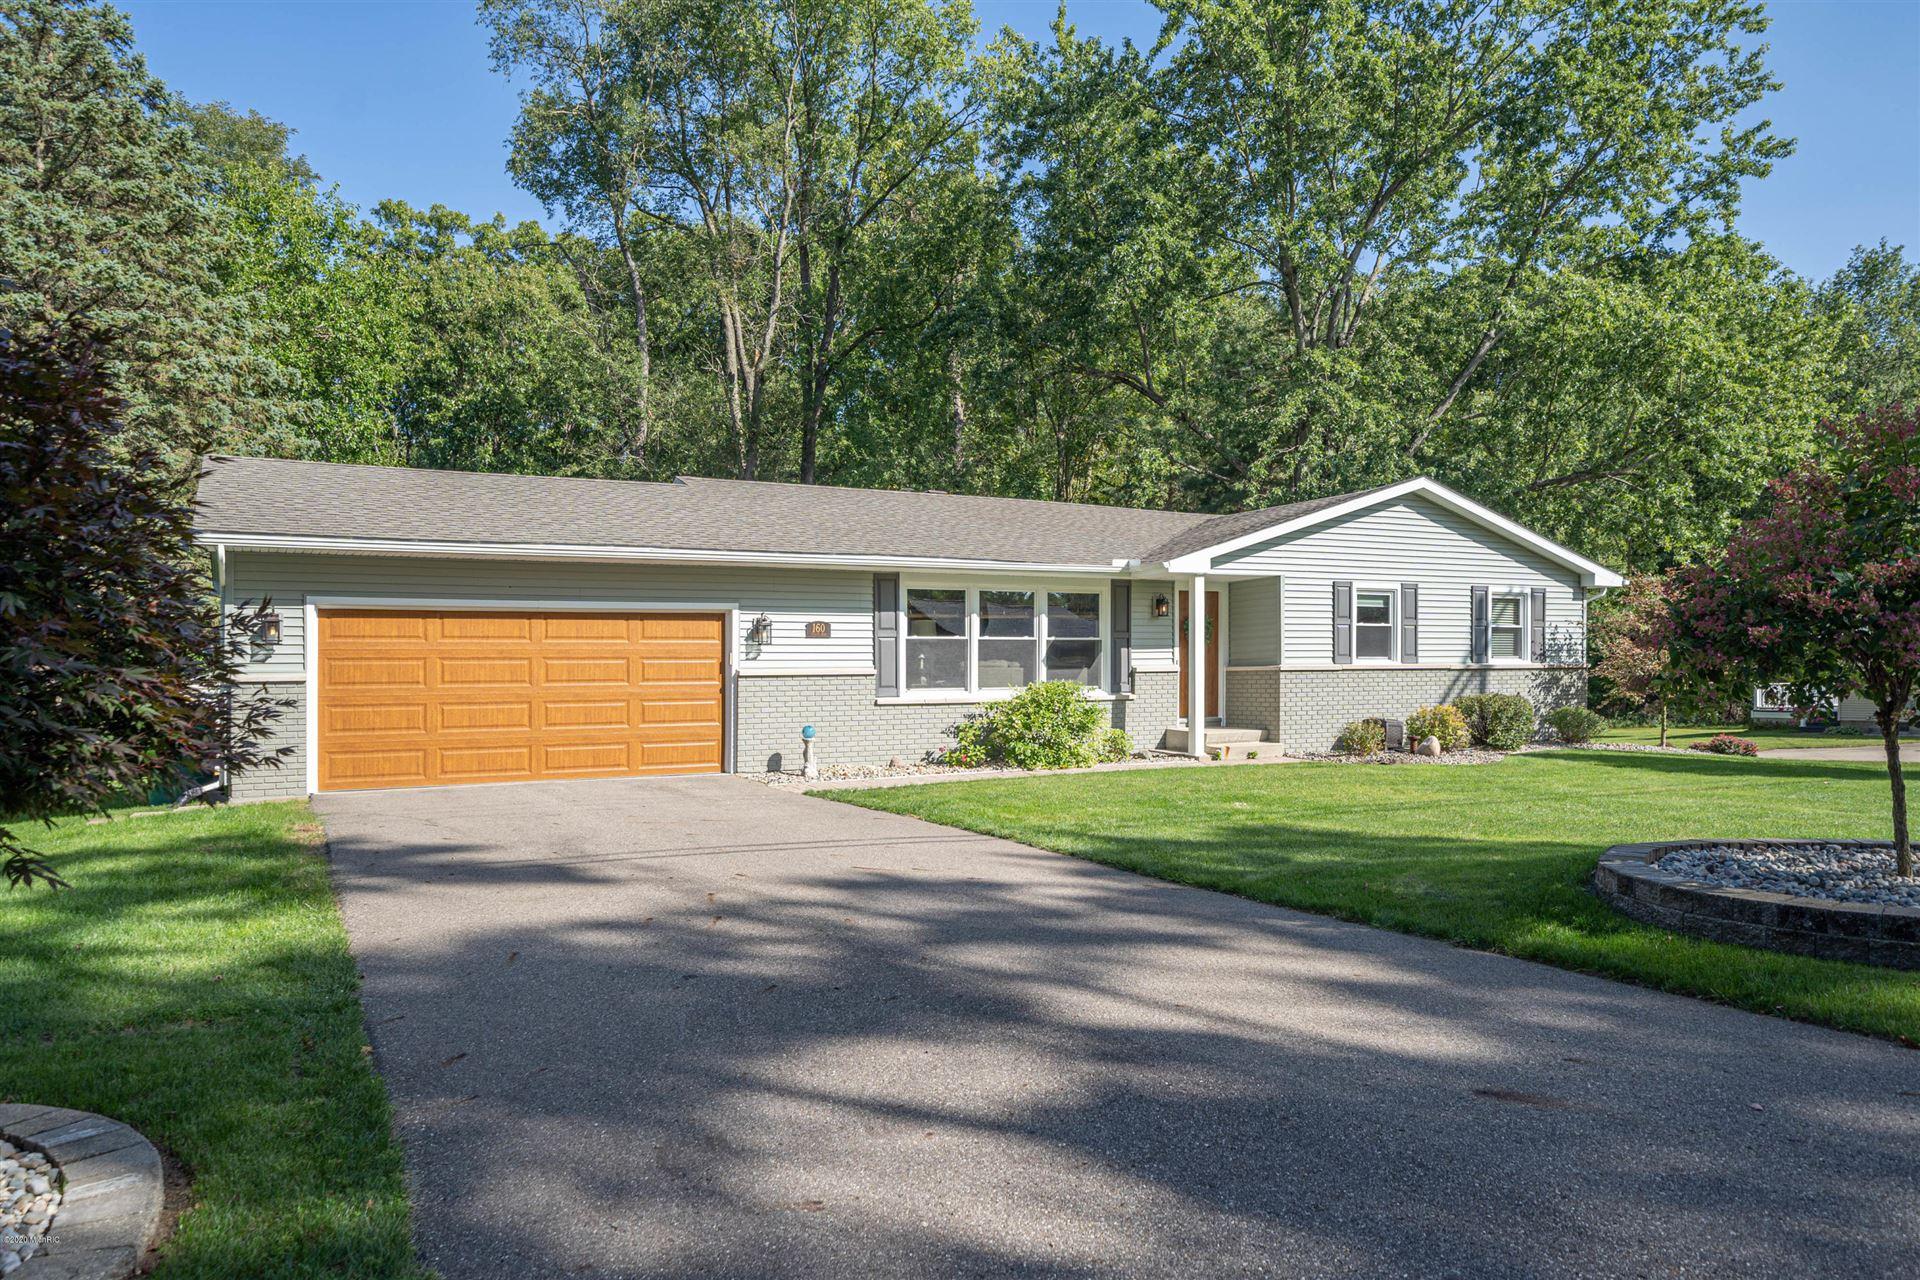 160 Fuller Road, Battle Creek, MI 49015 - MLS#: 20040387